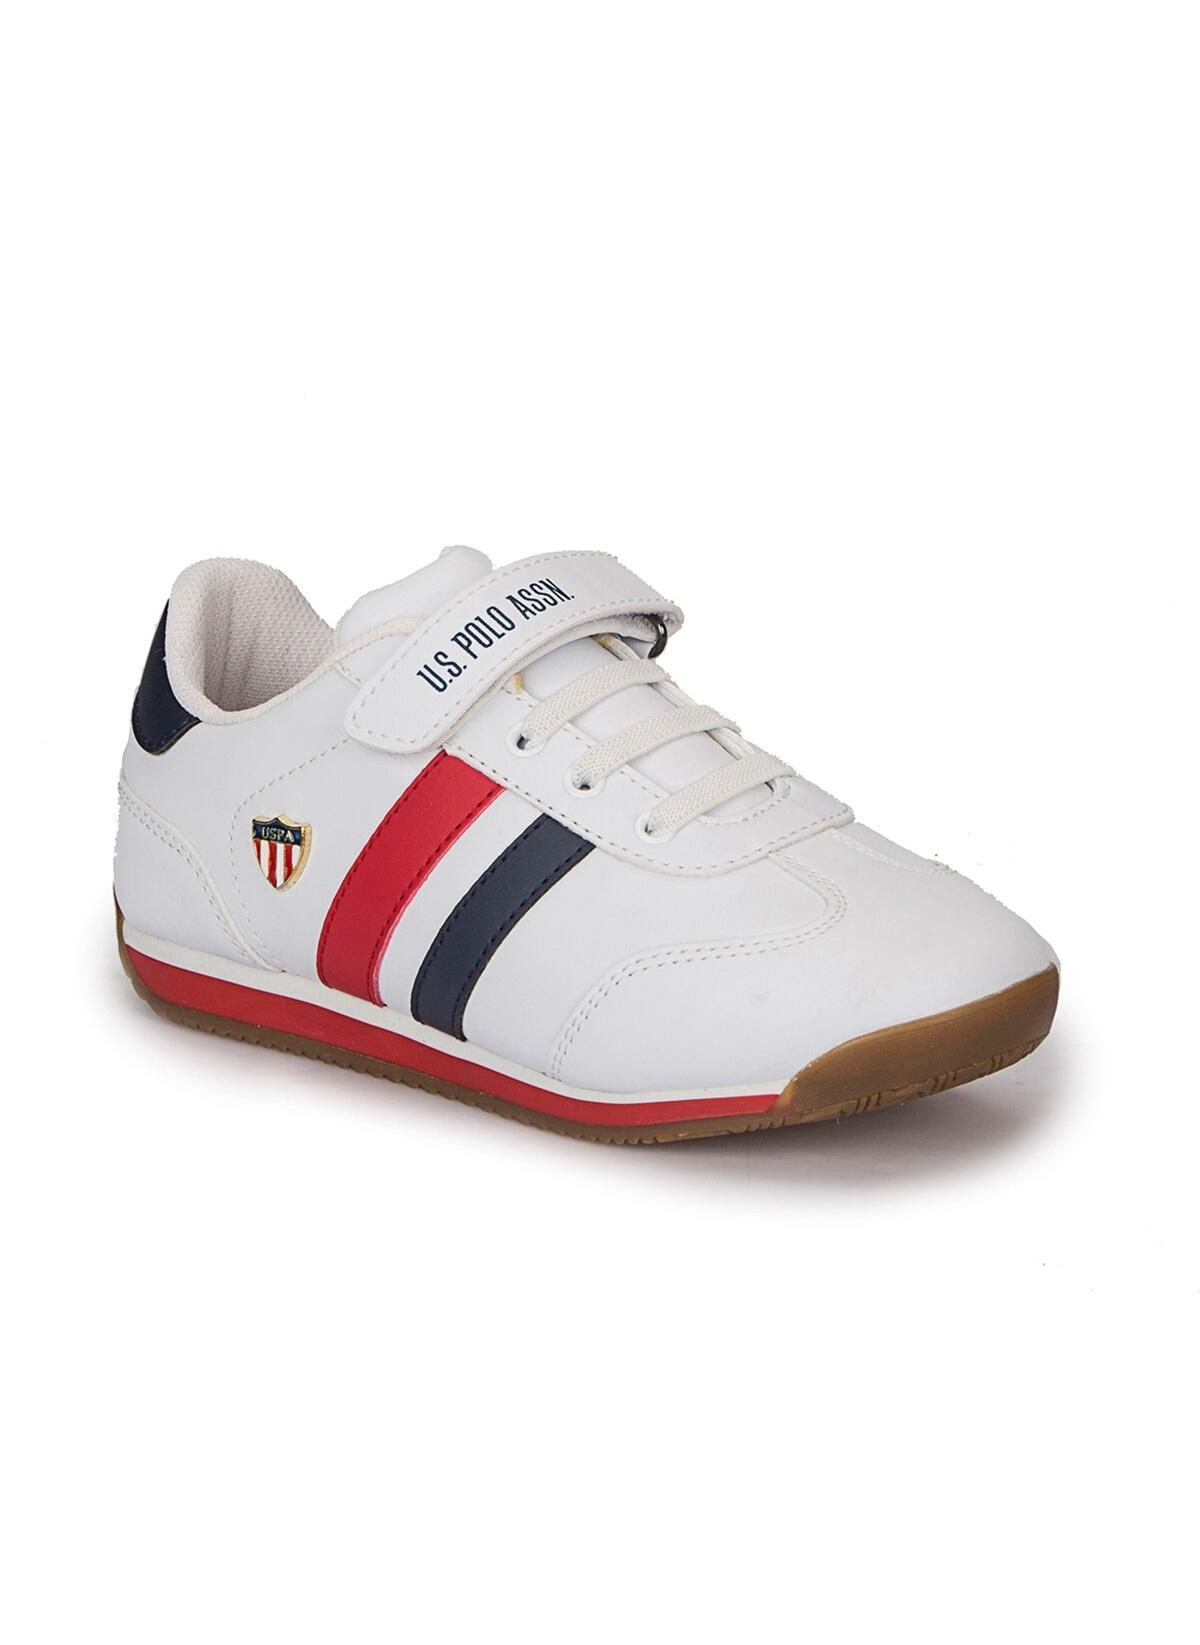 Erkek Çocuk U.S. Polo Assn. Spor Ayakkabı